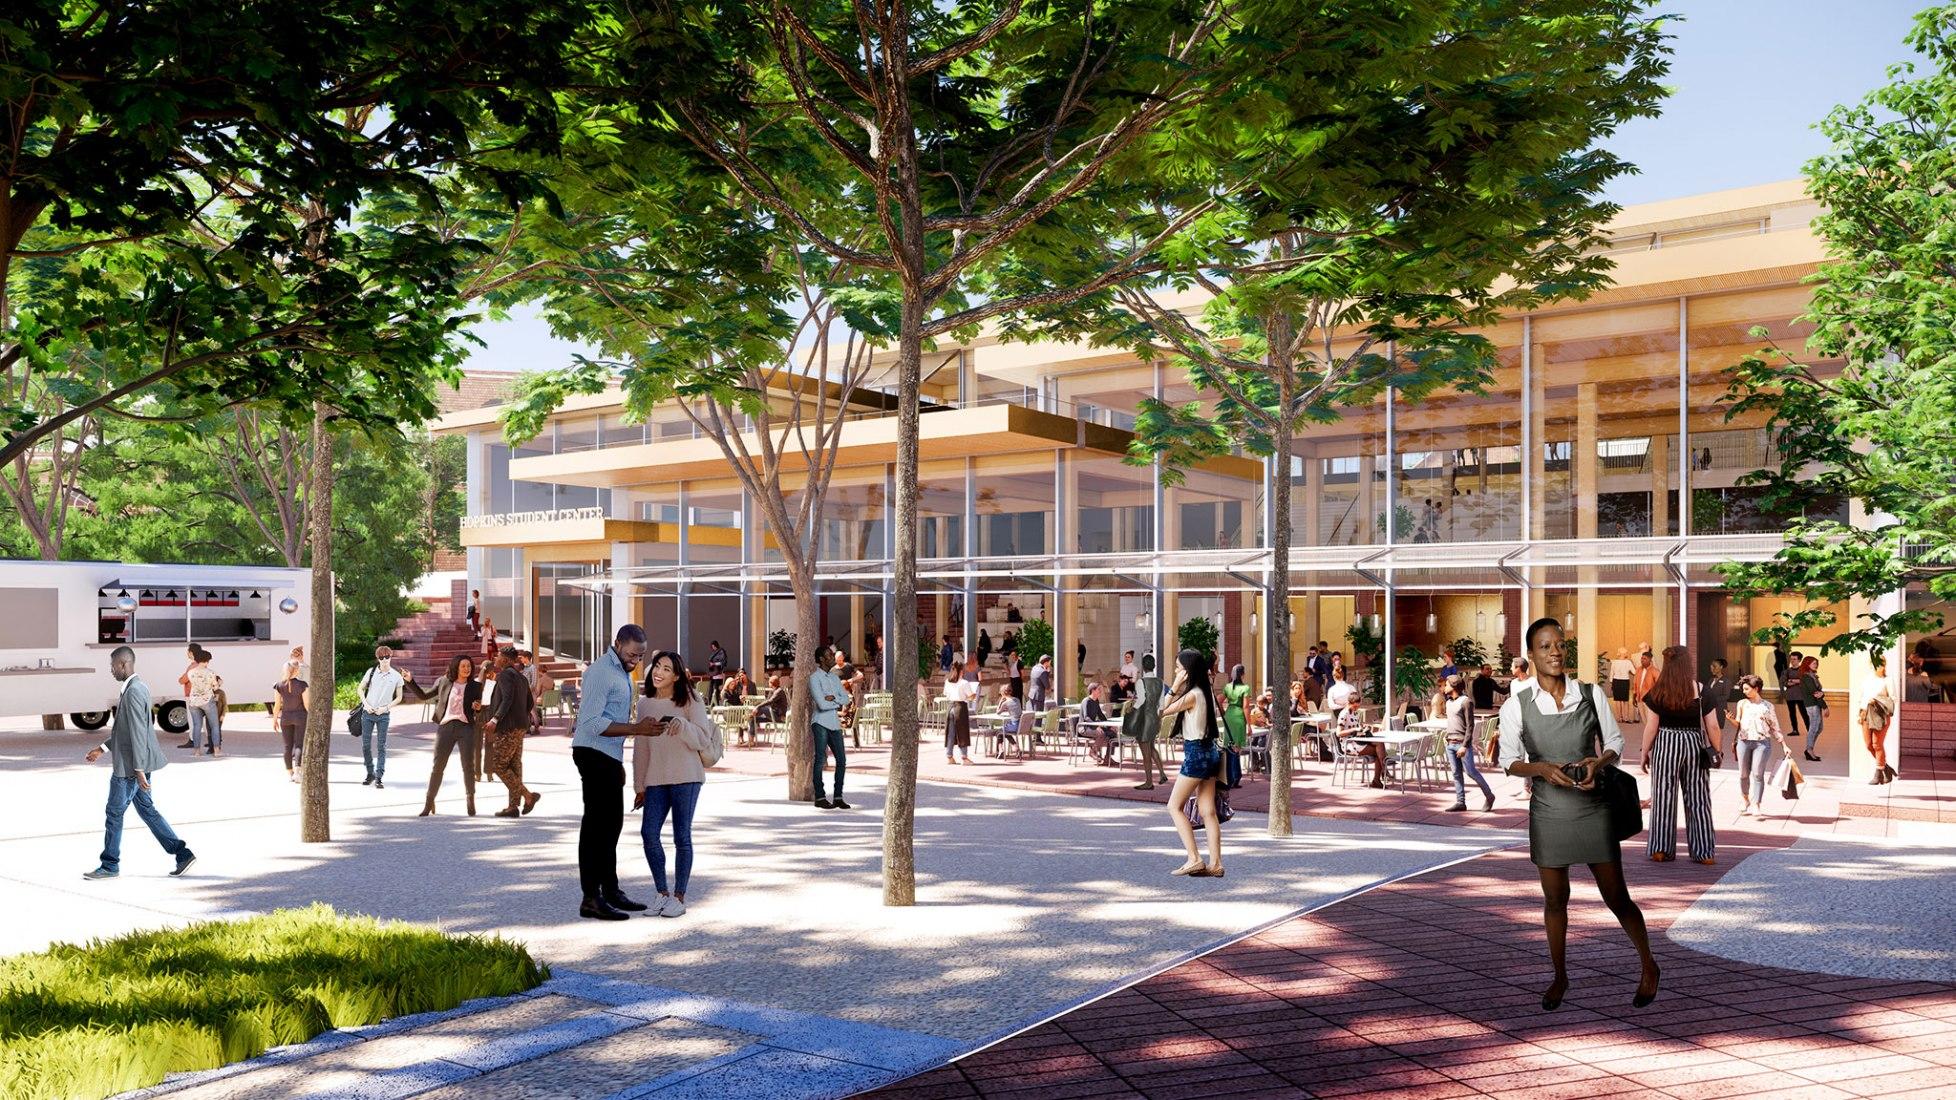 Centro de estudiantes de la Universidad Johns Hopkins por BIG-Bjarke Ingels Group. Visualización de BIG-Bjarke Ingels Group